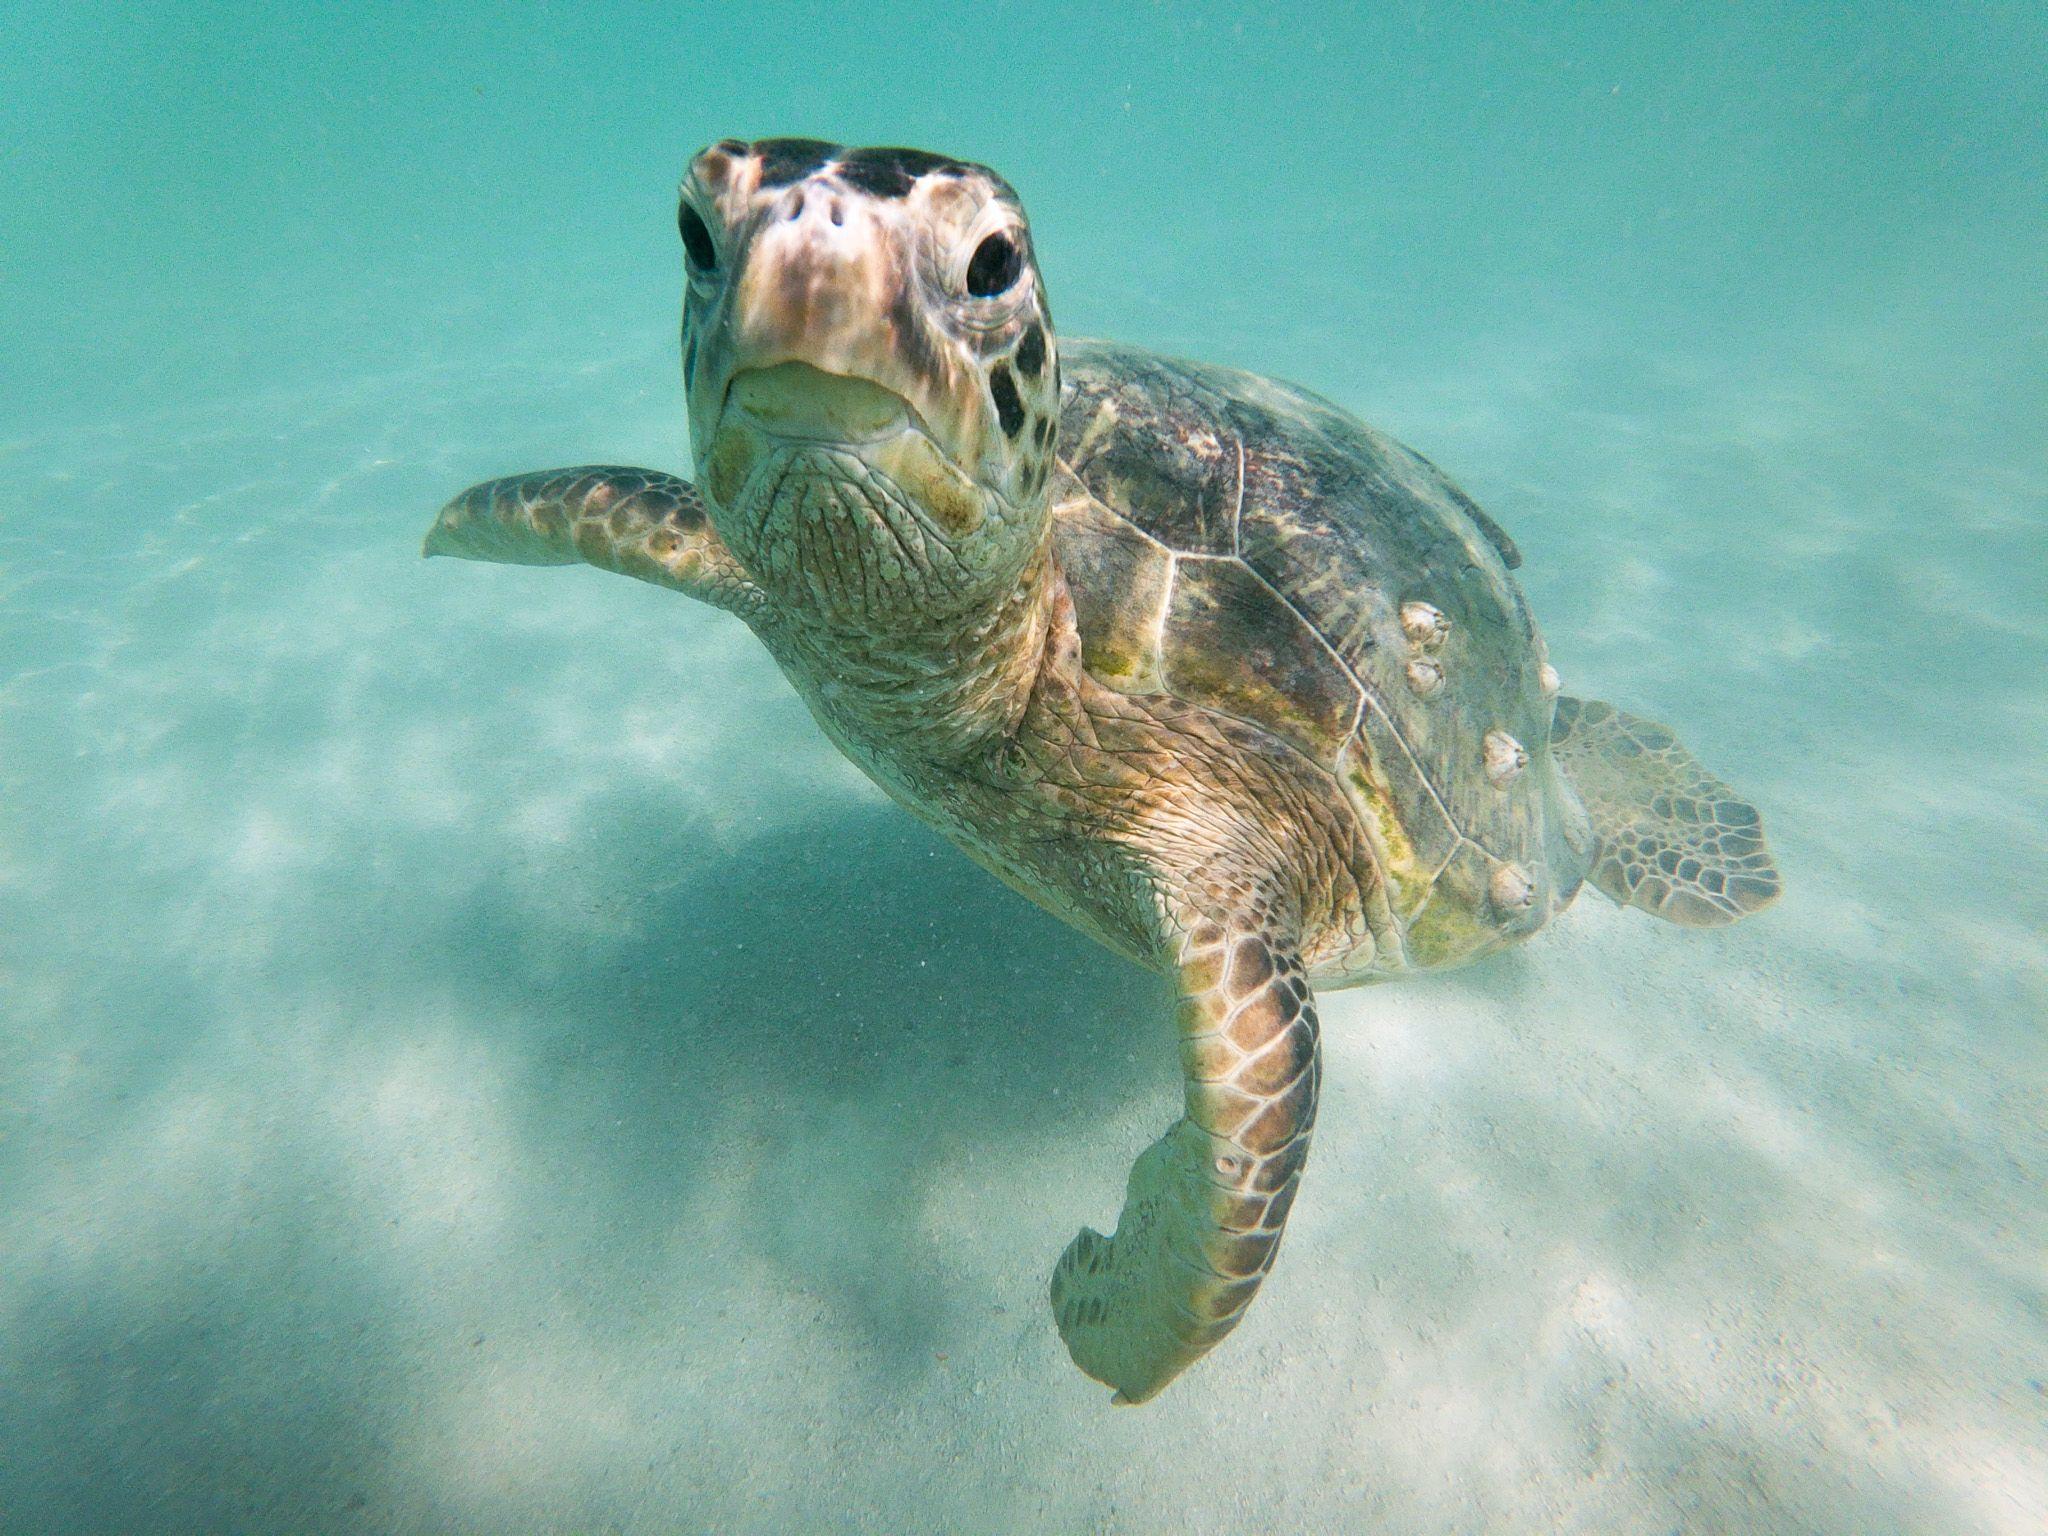 カメラ目線のサービスショット Captainbruce Sandbar Kaneohe Hawaii Oahu Ocean キャプテンブルース 天国の海 サンドバー ハワイ大好き 景色 海 ウミガメ 亀と泳ぐ Honu Seatur かわいいカメ ウミガメ ペンギン かわいい